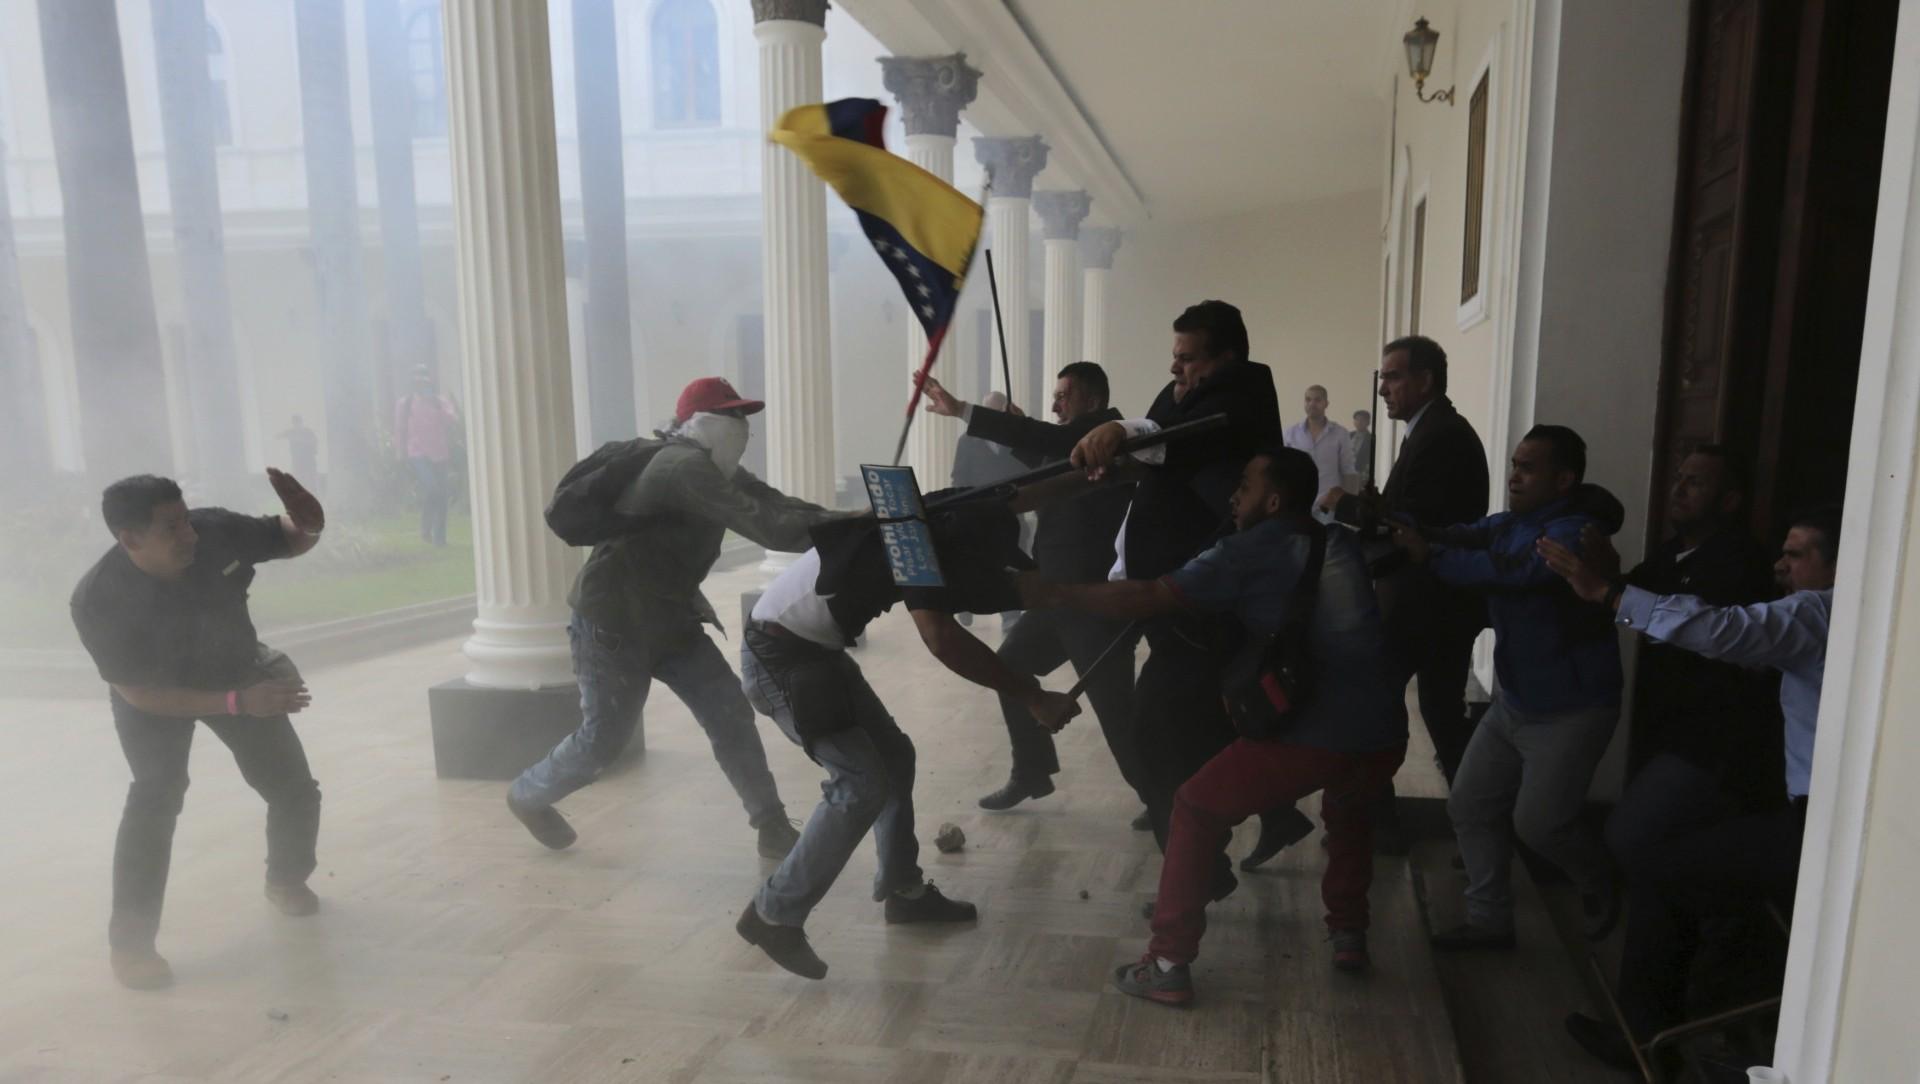 Colectivos chavistas irrumpen en la Asamblea Nacional y agreden a congresistas opositores. Al menos cinco legisladores resultaron heridos y varios fotógrafos sufrieron el robo de sus pertenencias